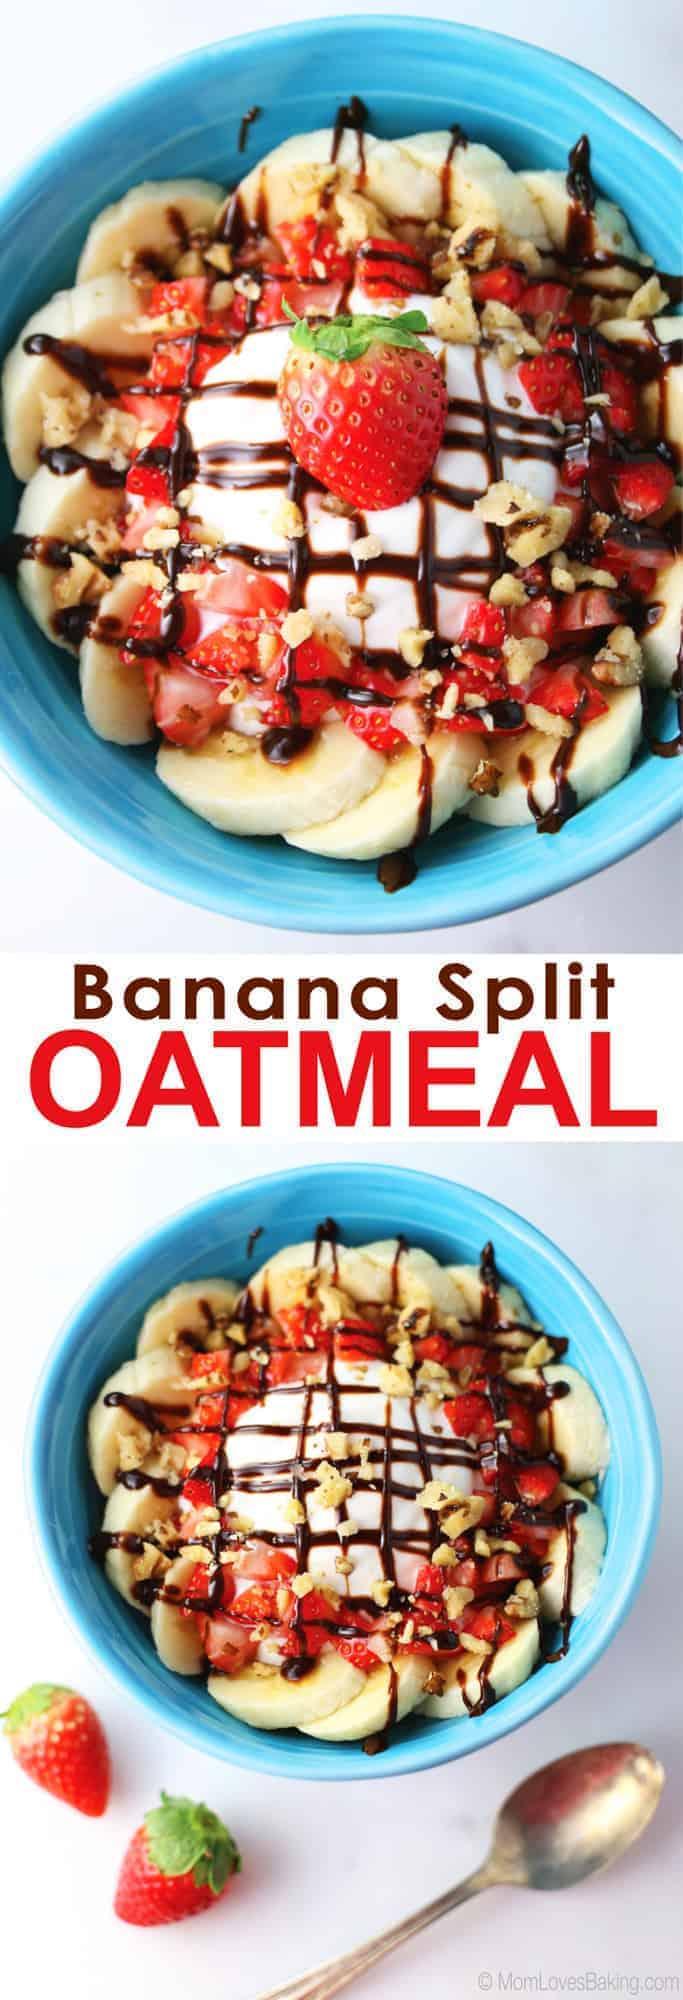 Banana Split Oatmeal